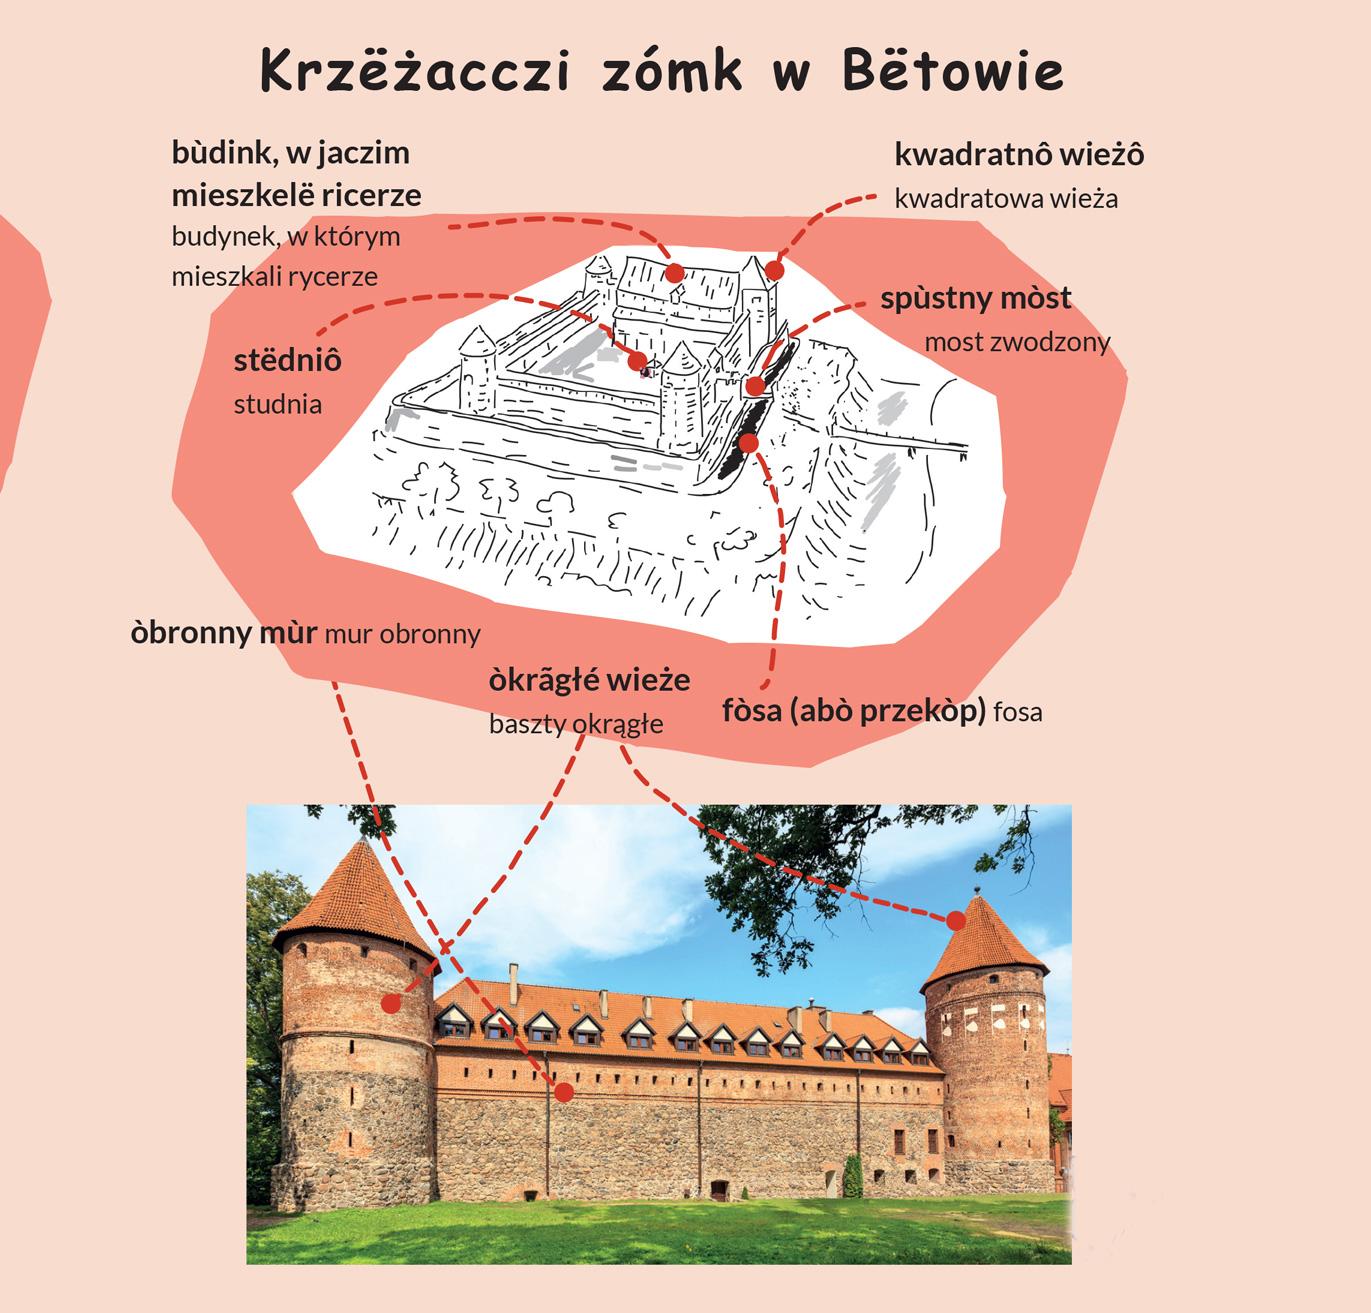 Zamek w Bytowie ilustracja na której wymieniono wszystkie elementy zamku.